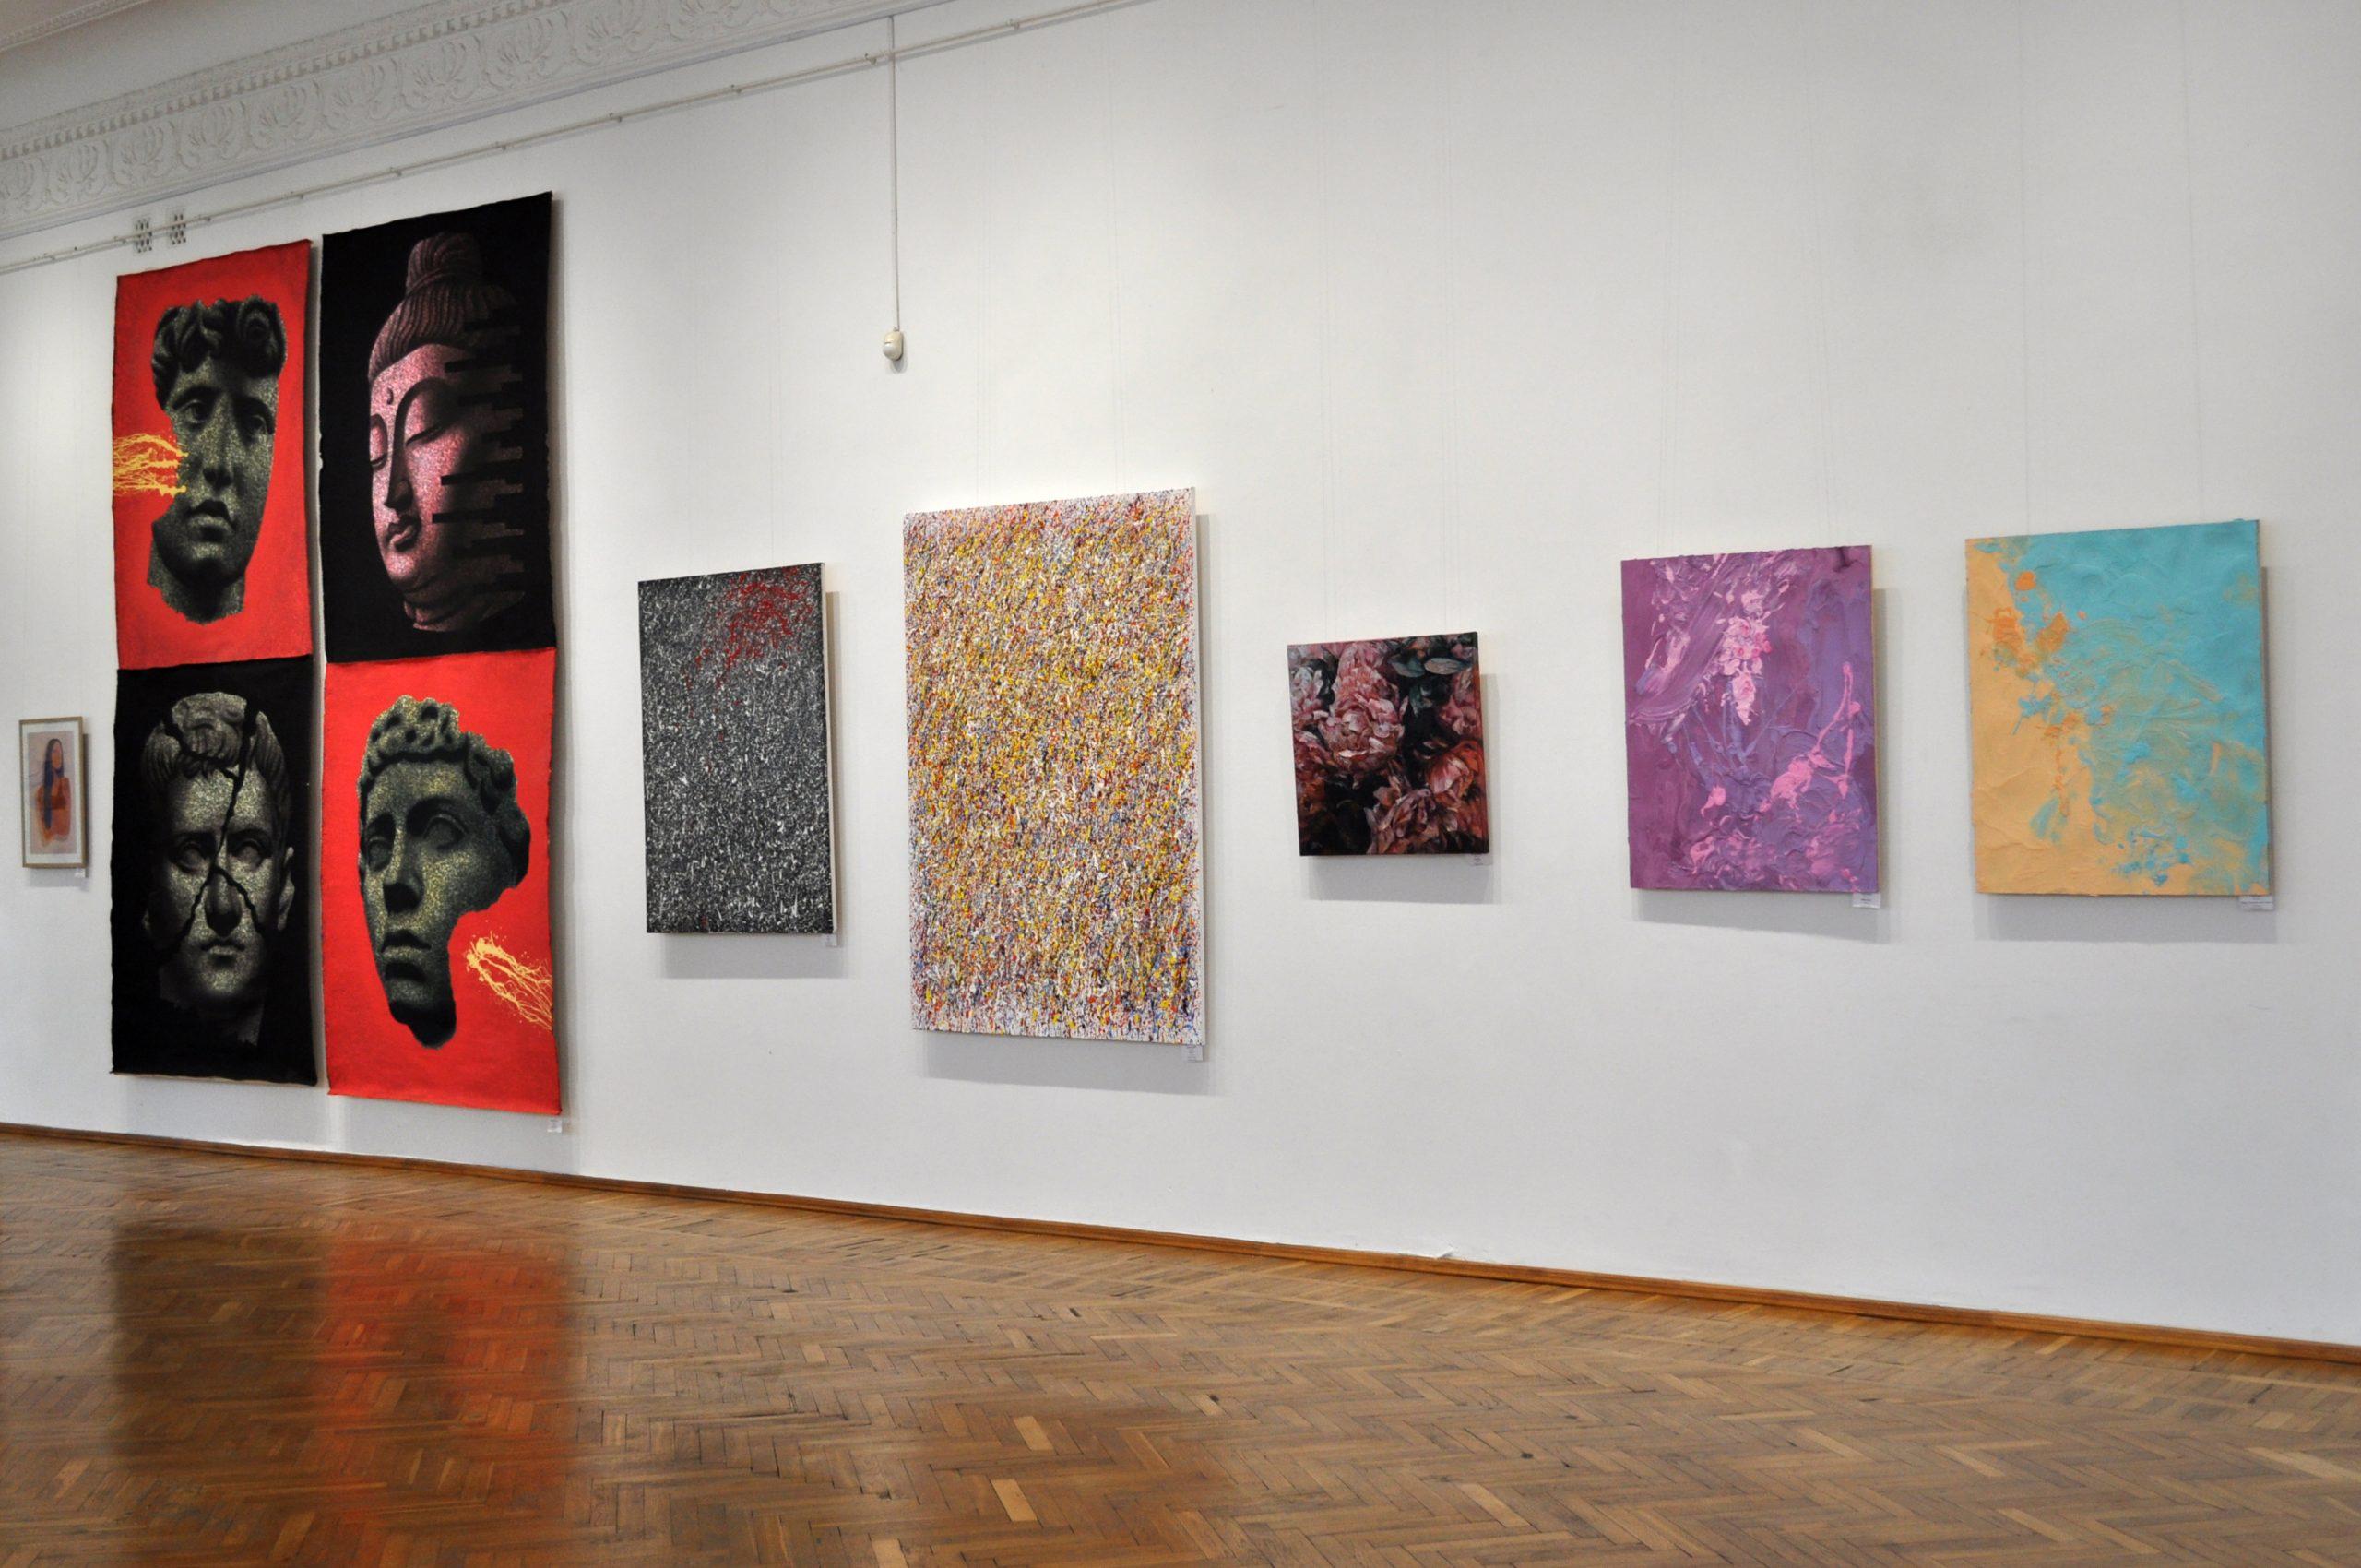 У Черкасах презентували виставку сучасного мистецтва (ФОТО)